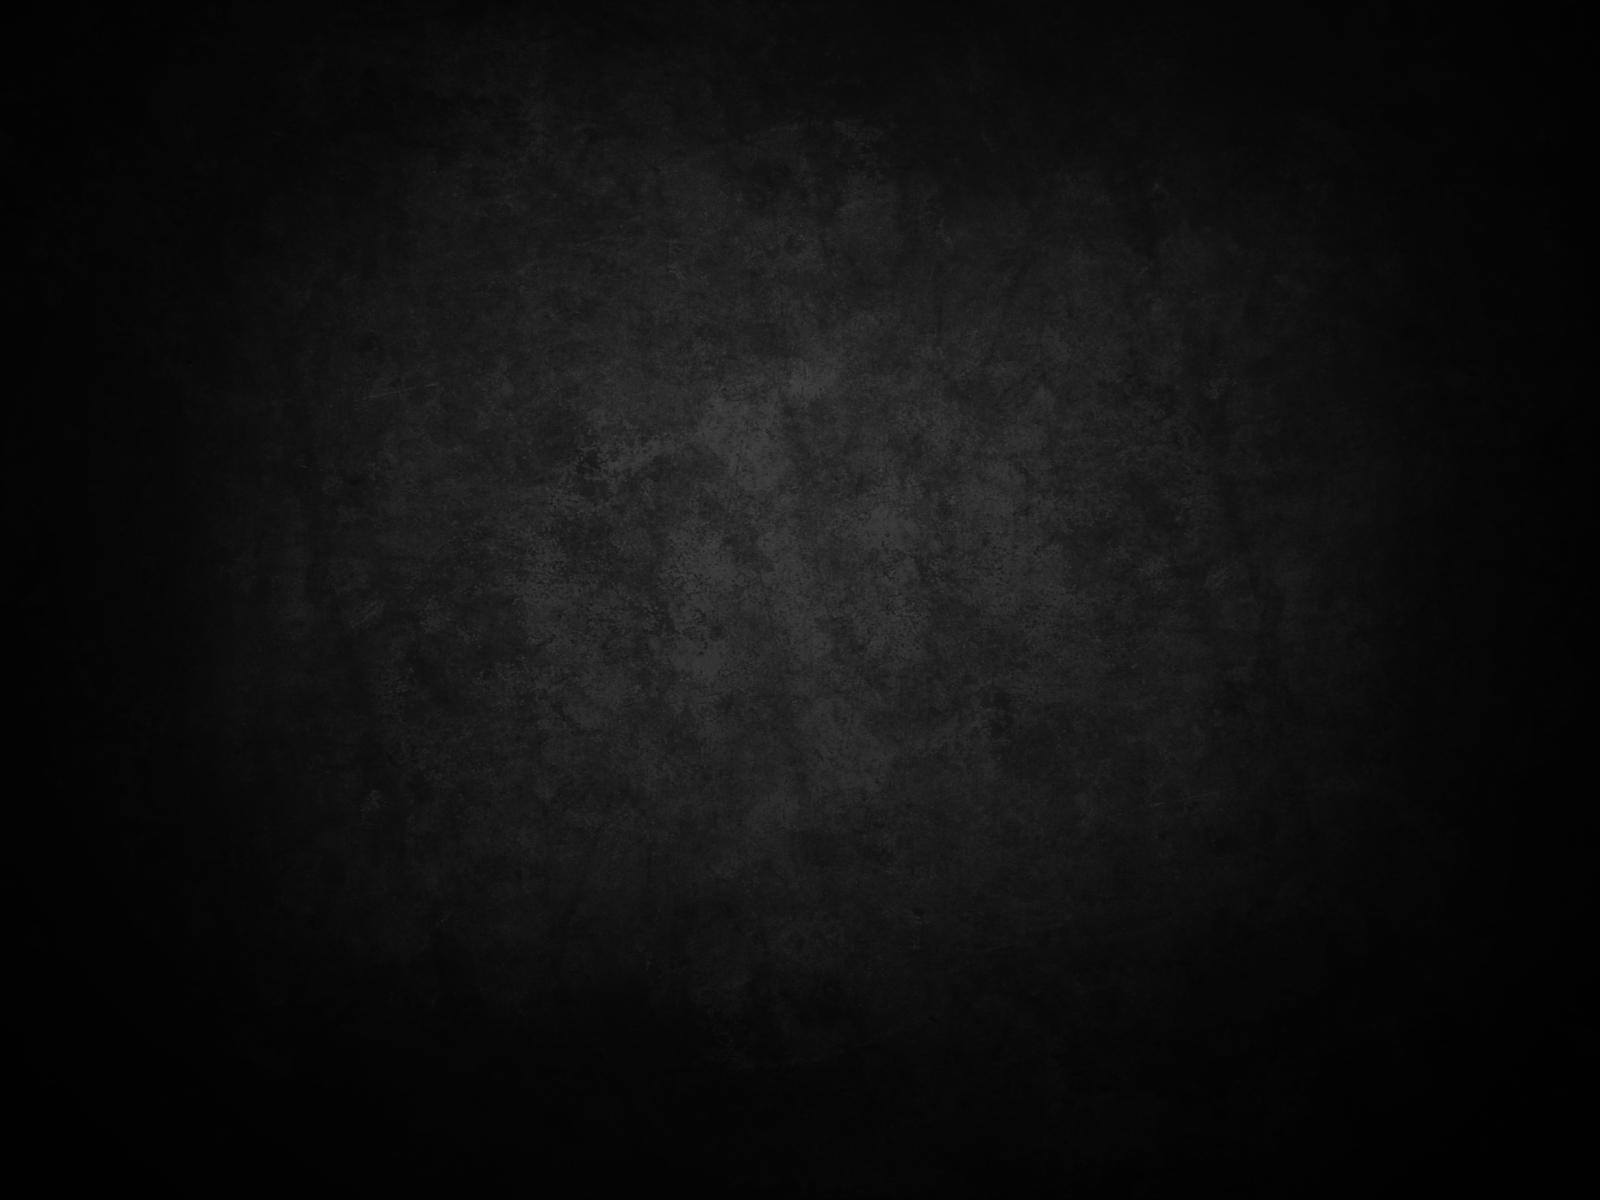 Hitam, Latar Belakang, latar belakang wallpaper hitam, latar belakang wallpaper hitam gelap, latar belakang wallpaper hitam desktop, latar belakang wallpaper natal hitam, wallpaper latar belakang hitam hd,